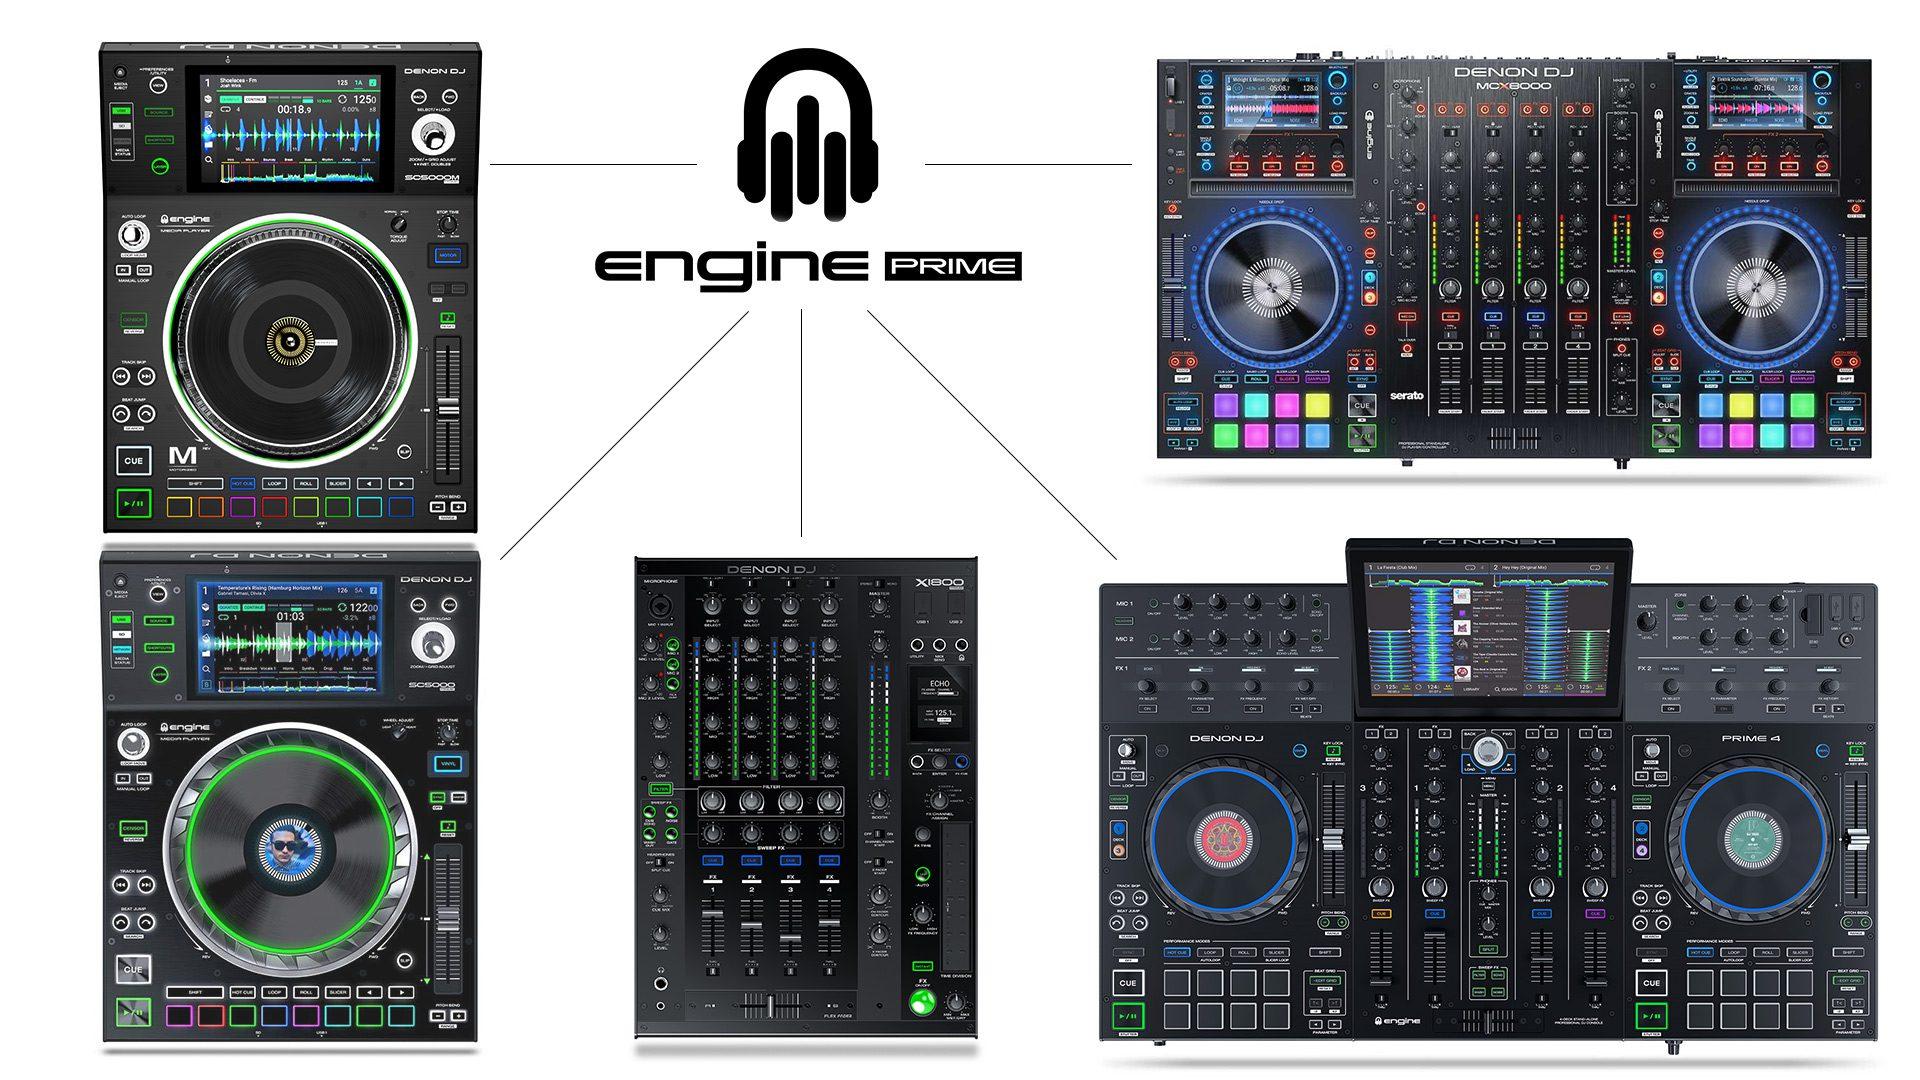 soạn nhạc dj với engine